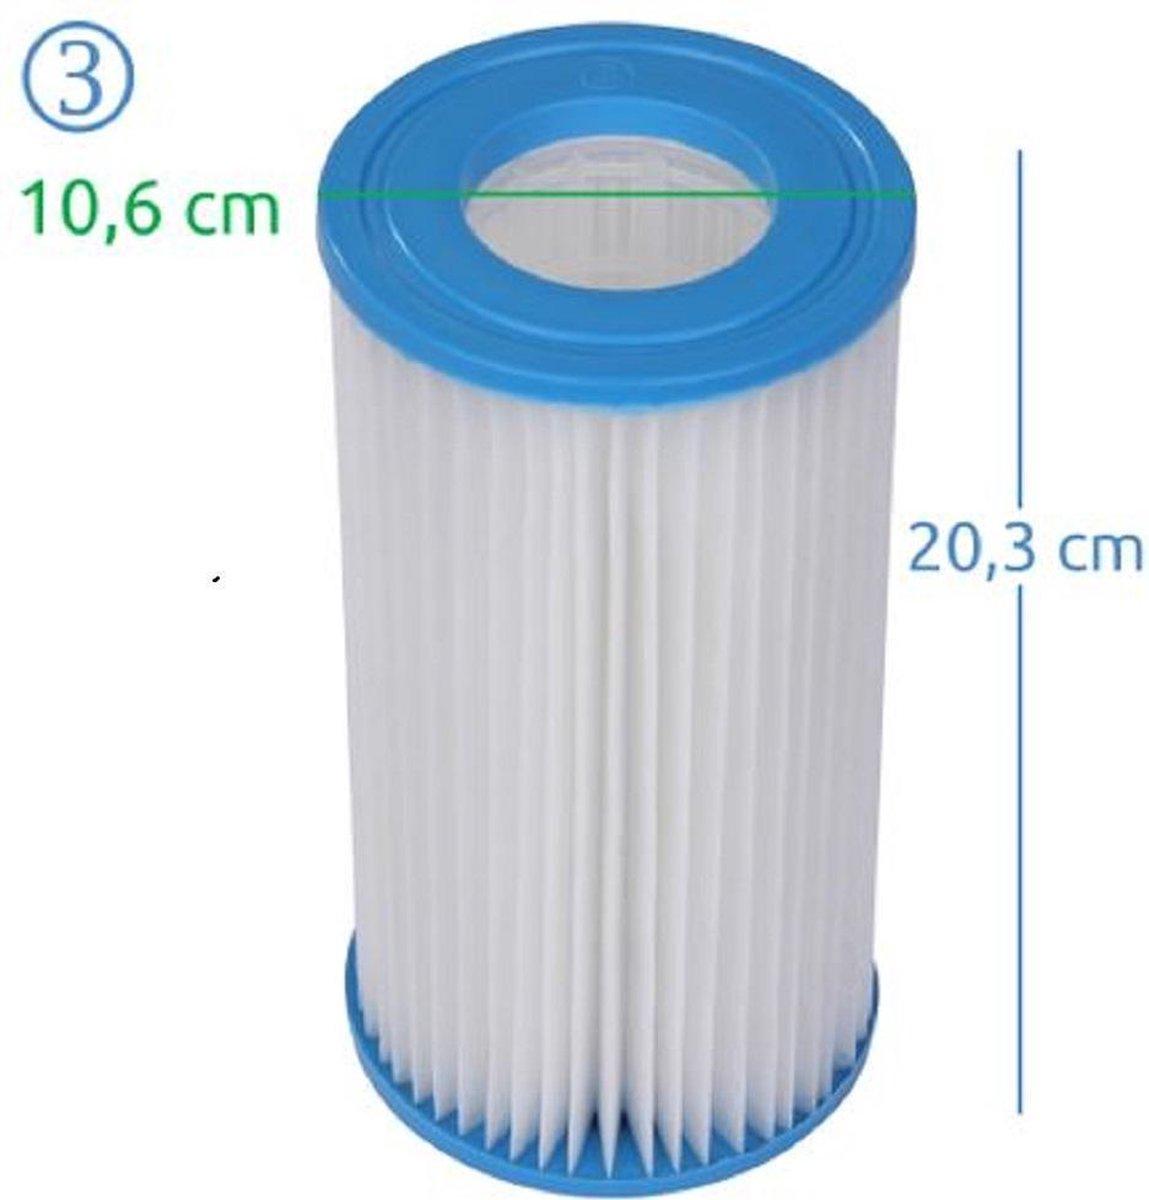 Jilong filter type 3 - Intex filter A - blueborn 3 - Avenli